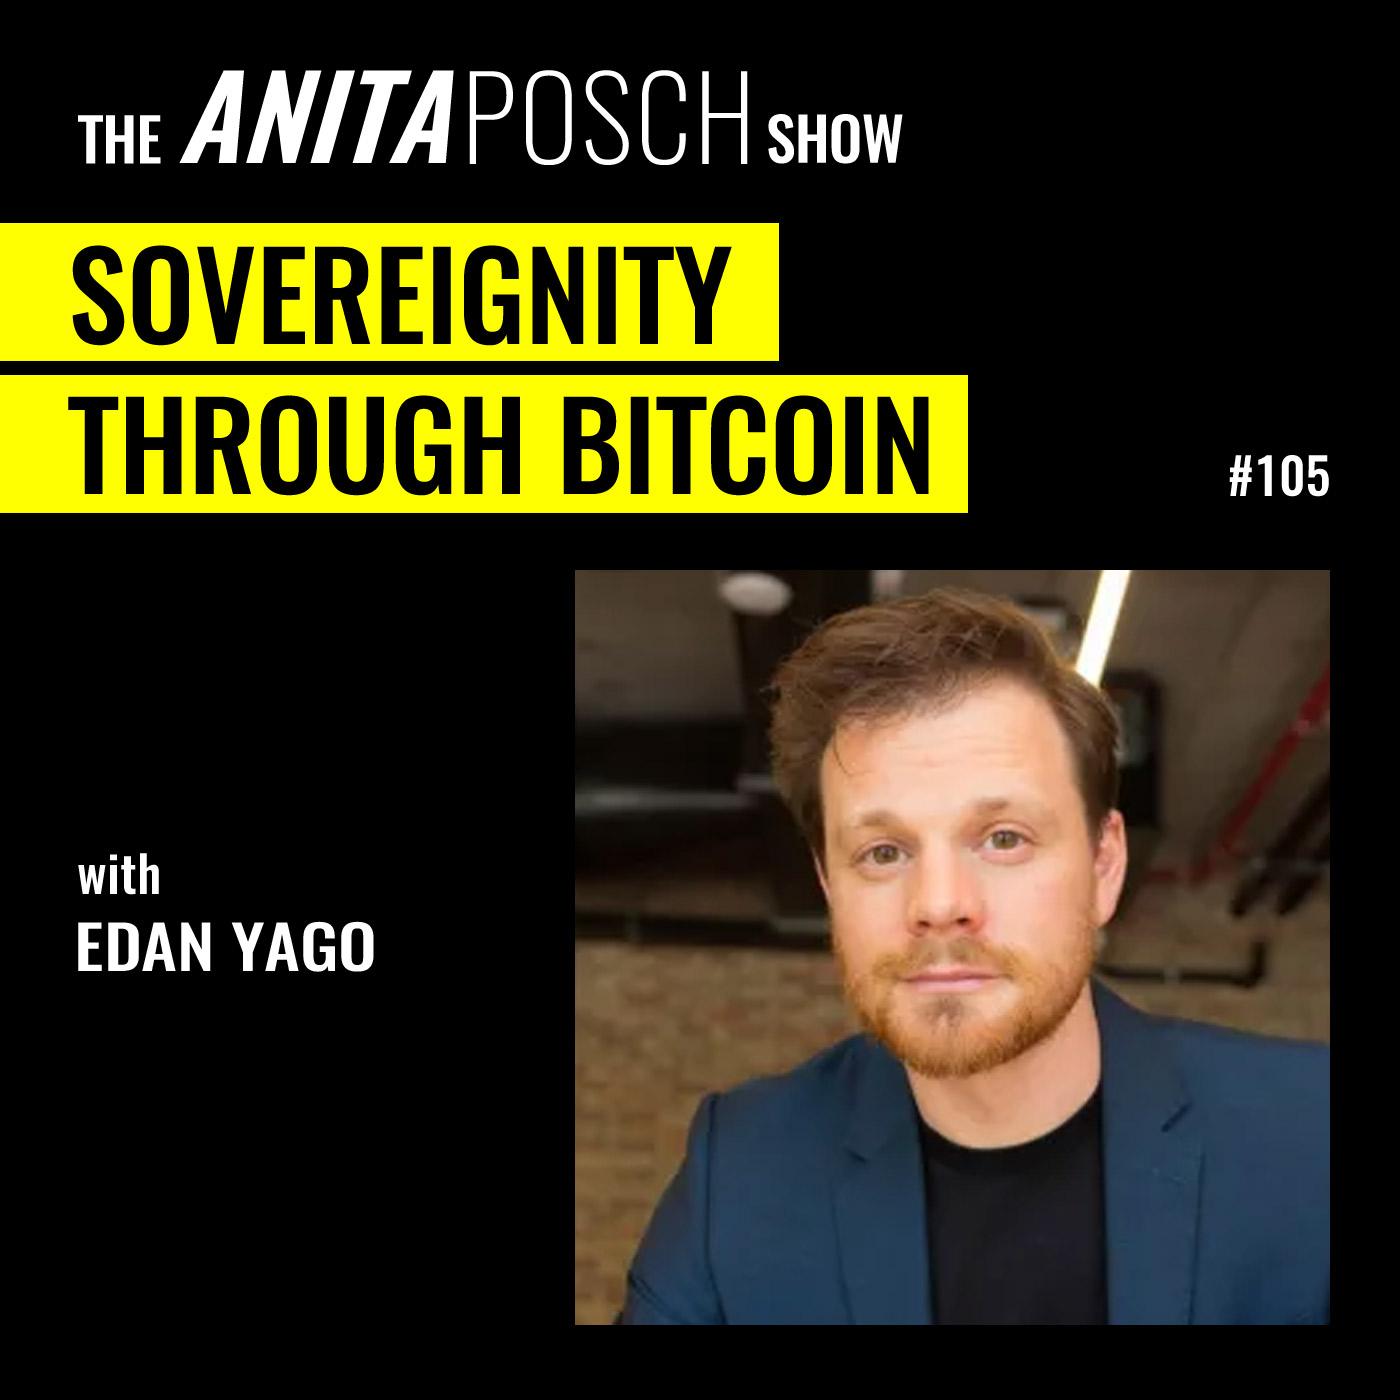 Edan Yago: Sovereignty Through Bitcoin